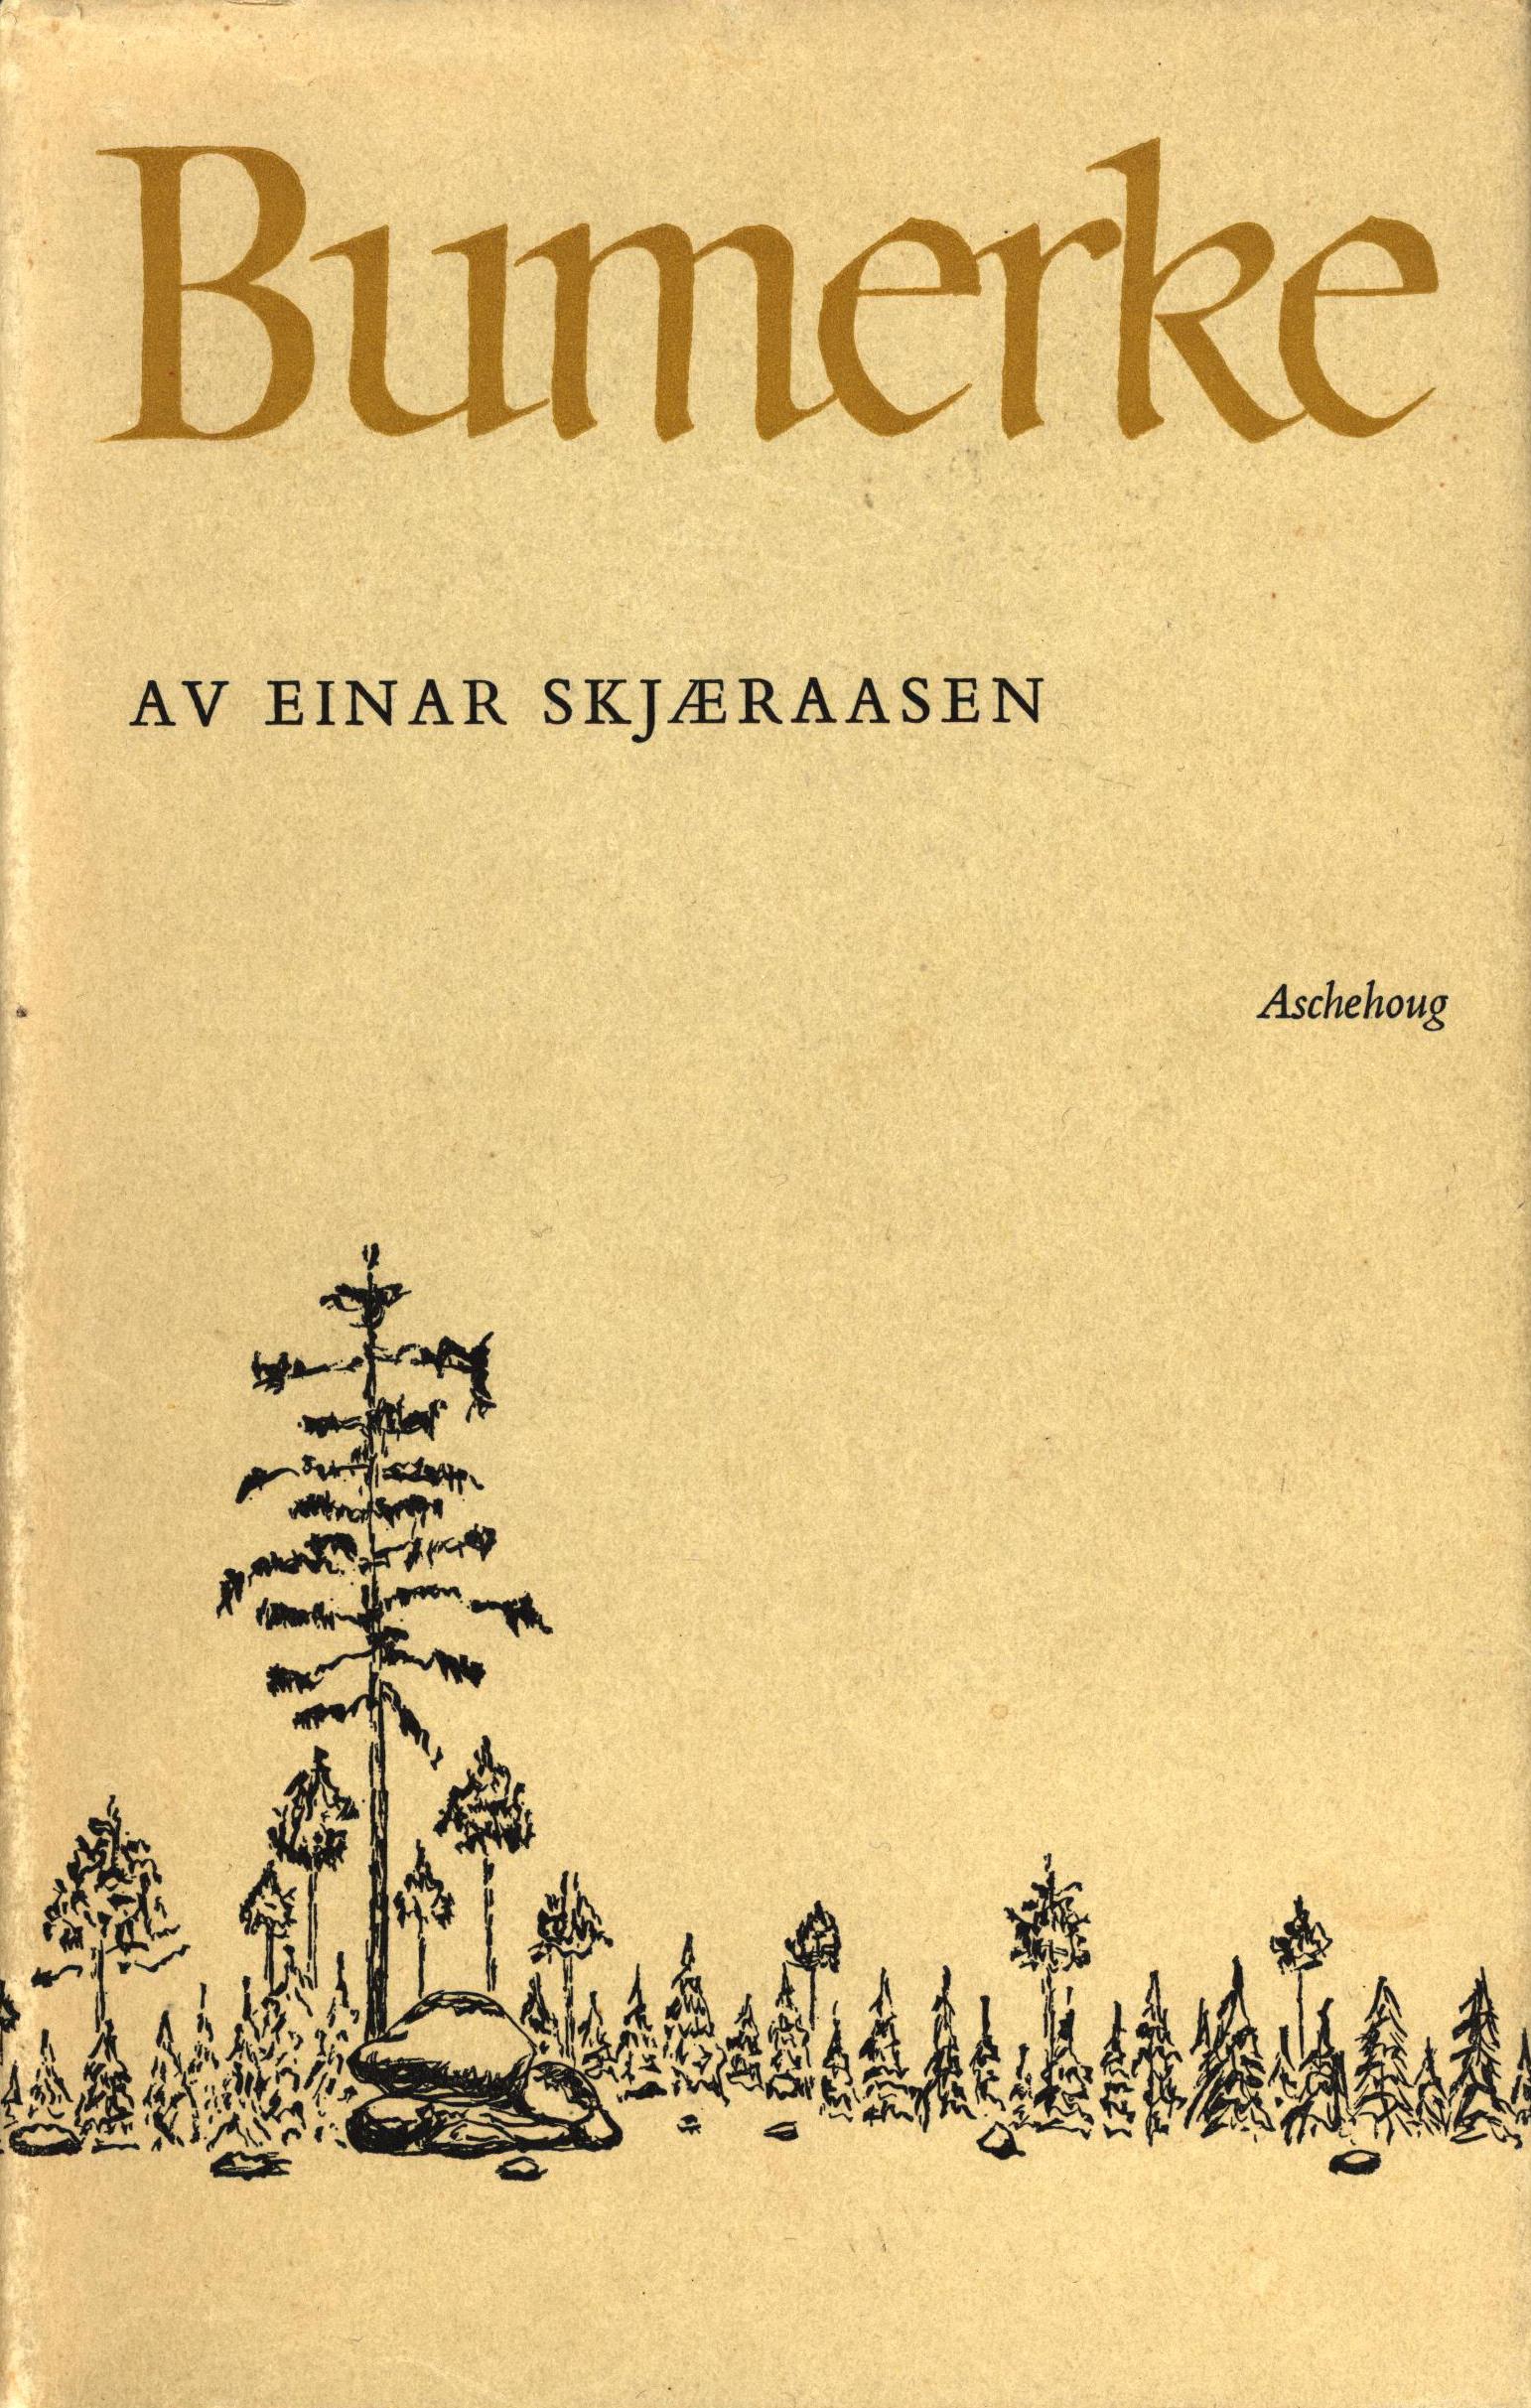 Einar Skjæraasen: Bumerke